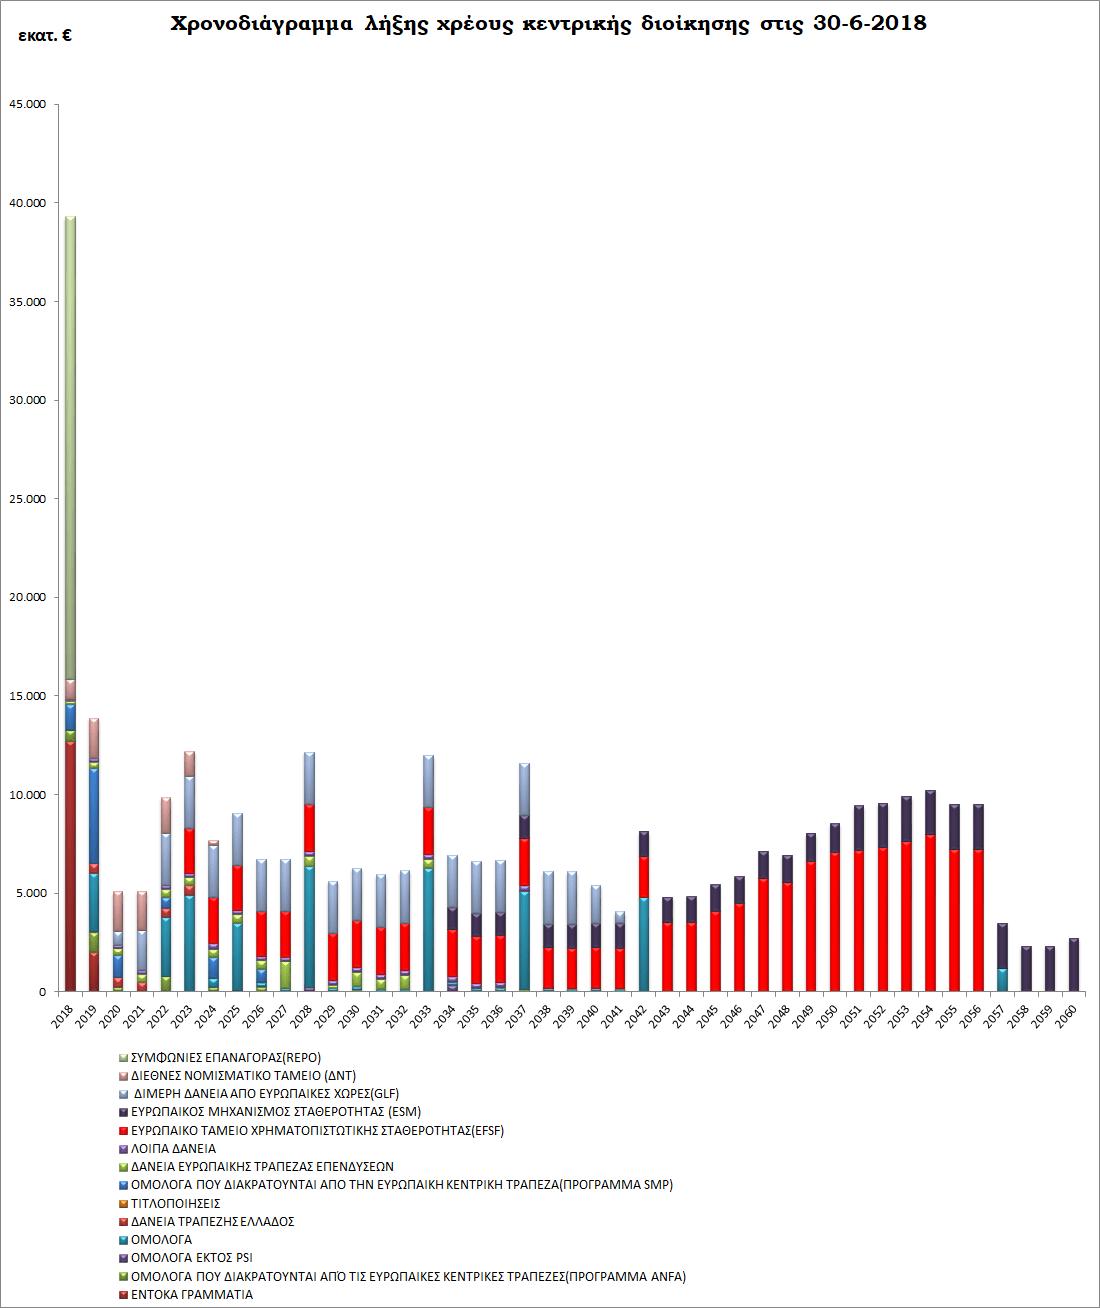 df309ad6d43 56) ή στο 3,6% του ΑΕΠ – οπότε καλύπτονται από την υποχρέωση πρωτογενών  πλεονασμάτων 3,5% έως το 2022.